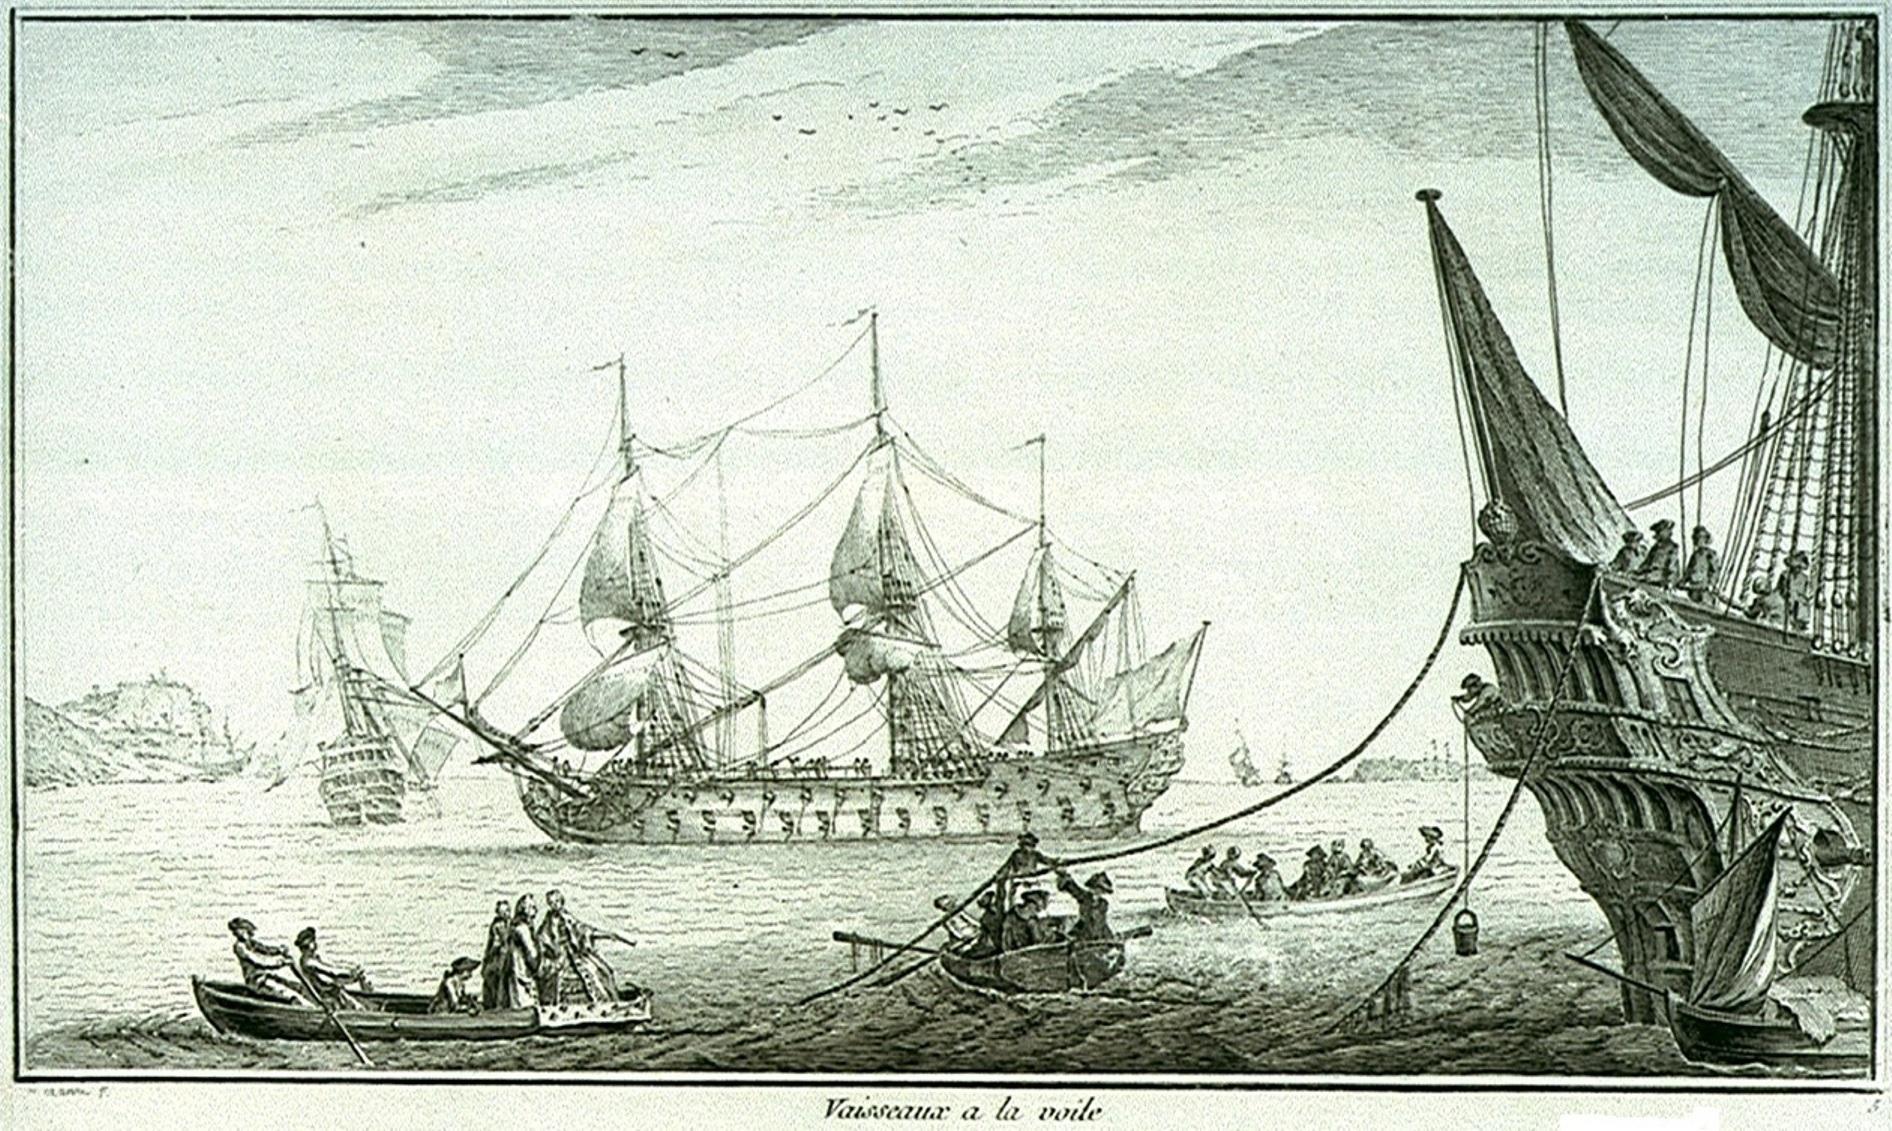 File:Vaisseaux à la voile vers 1760-1780 Nicolas Ozanne.jpg